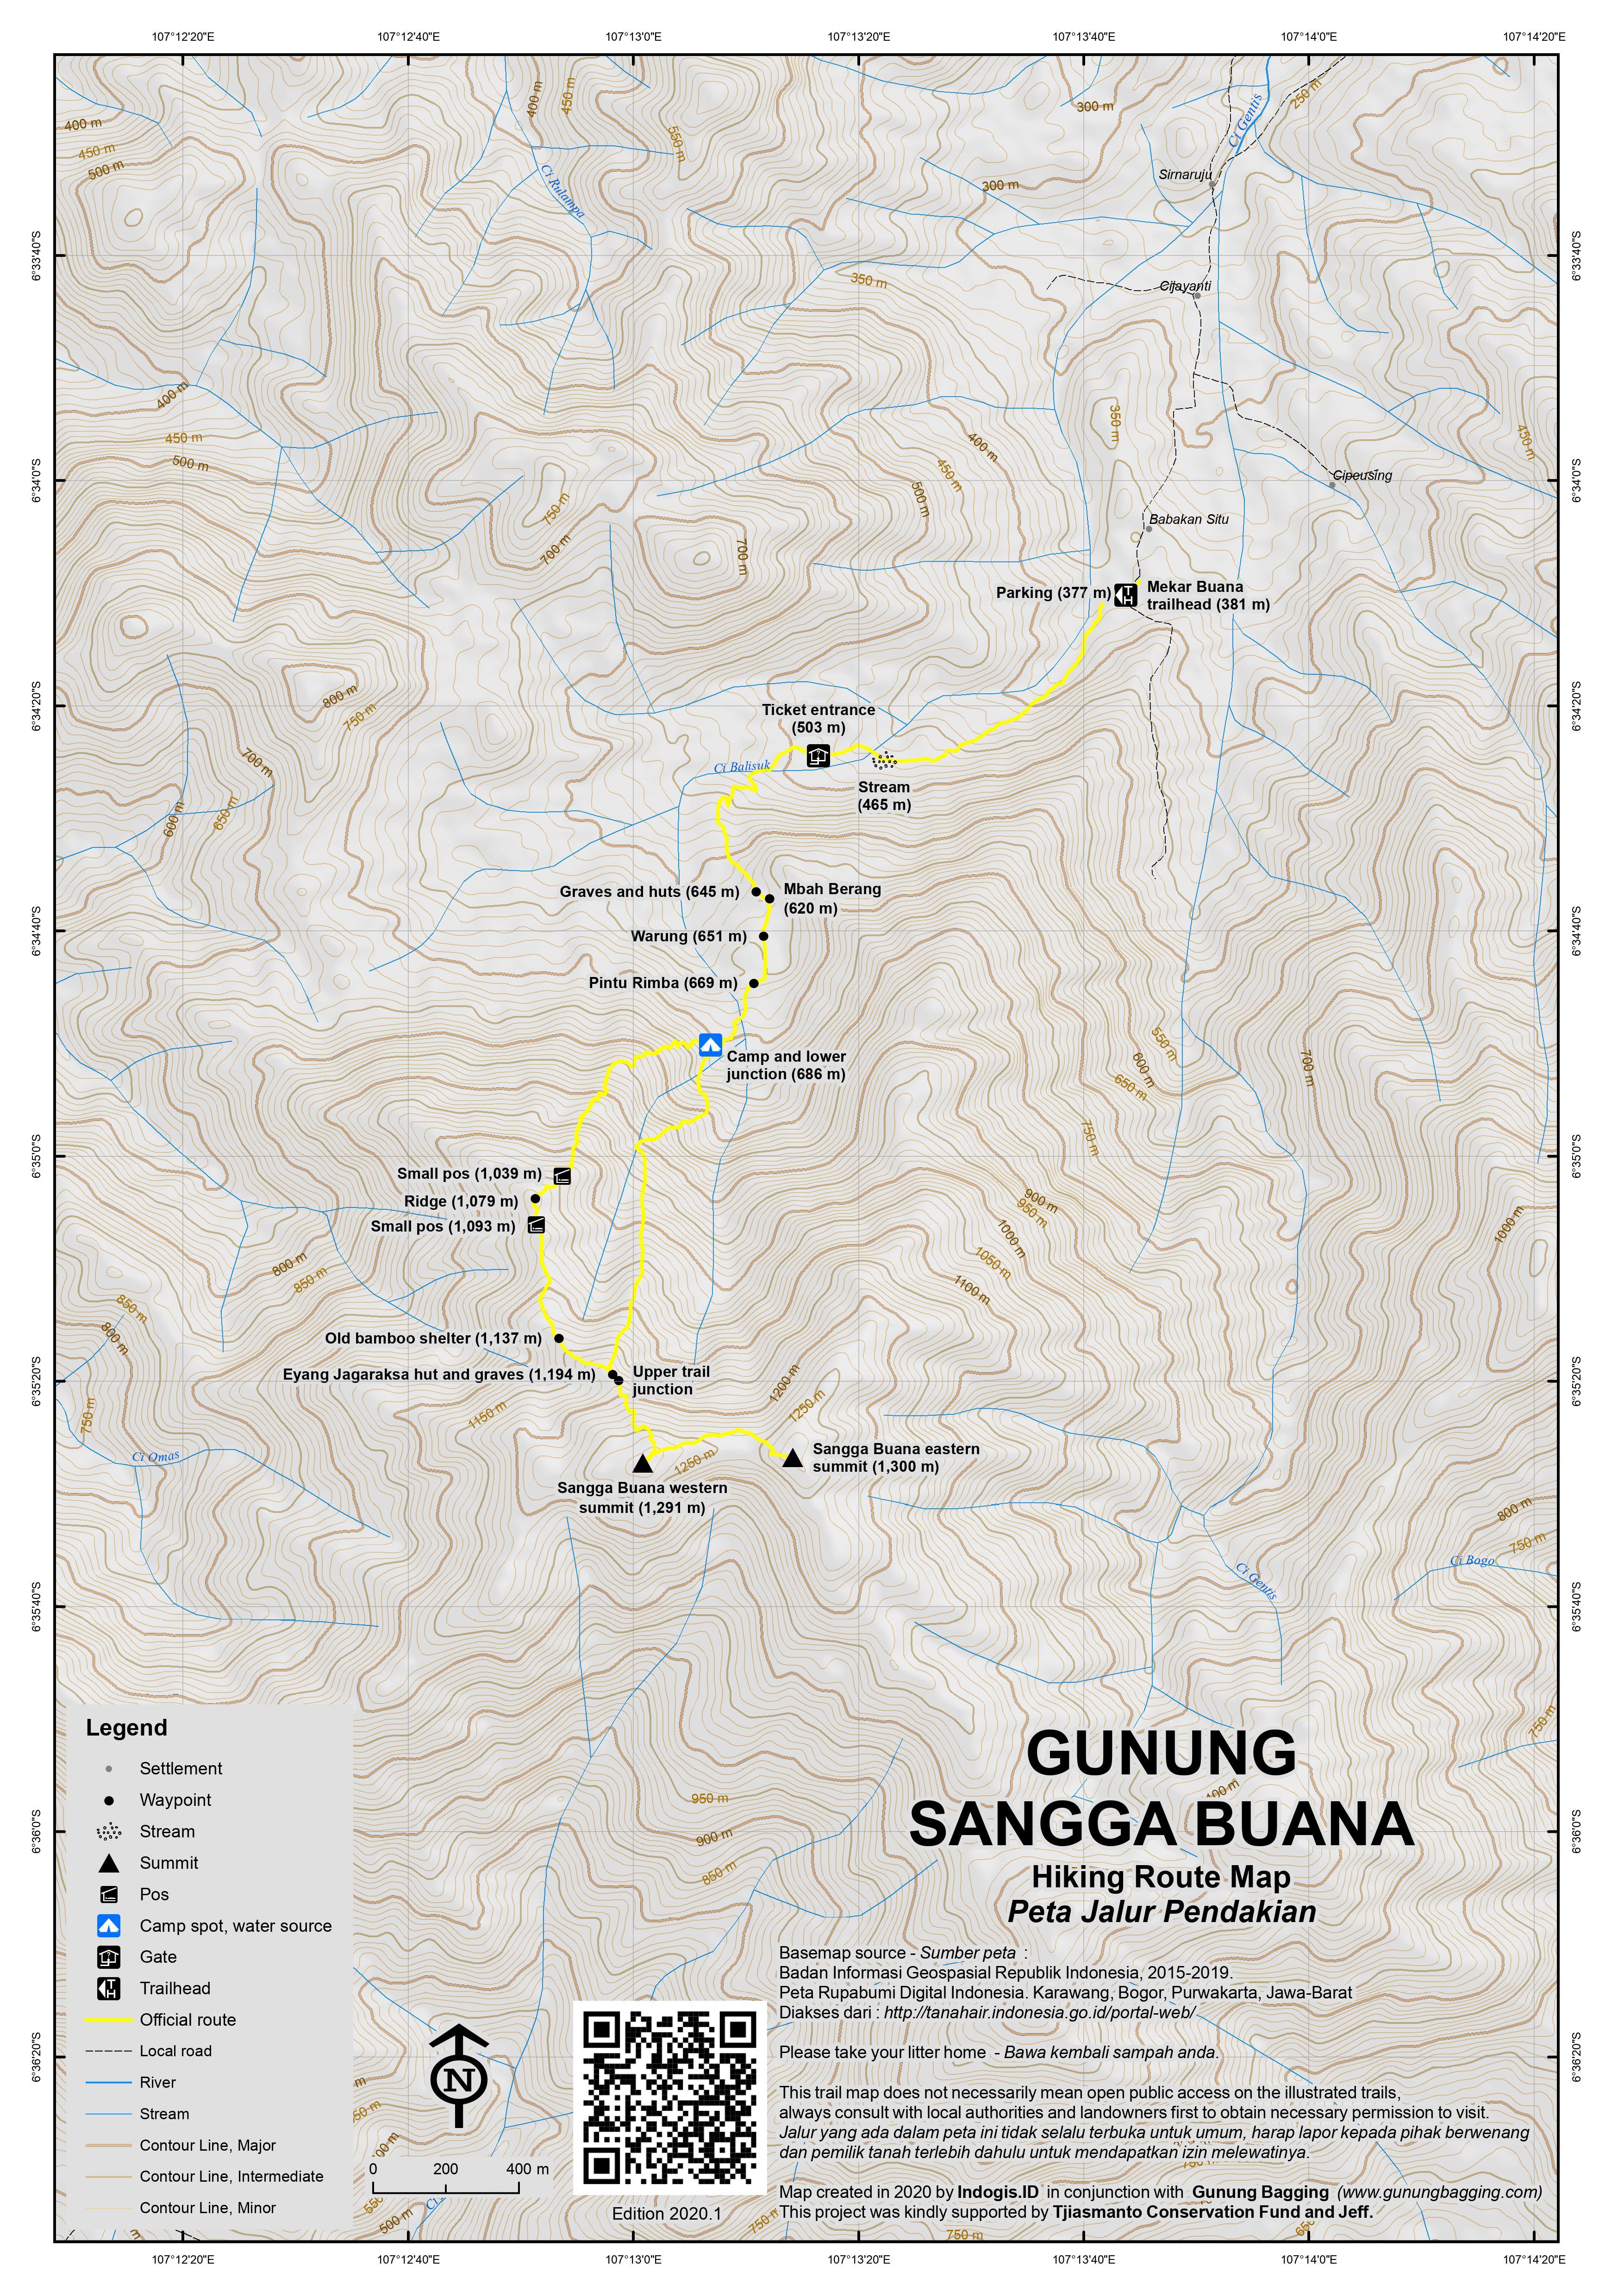 Peta Jalur Pendakian Gunung Sangga Buana